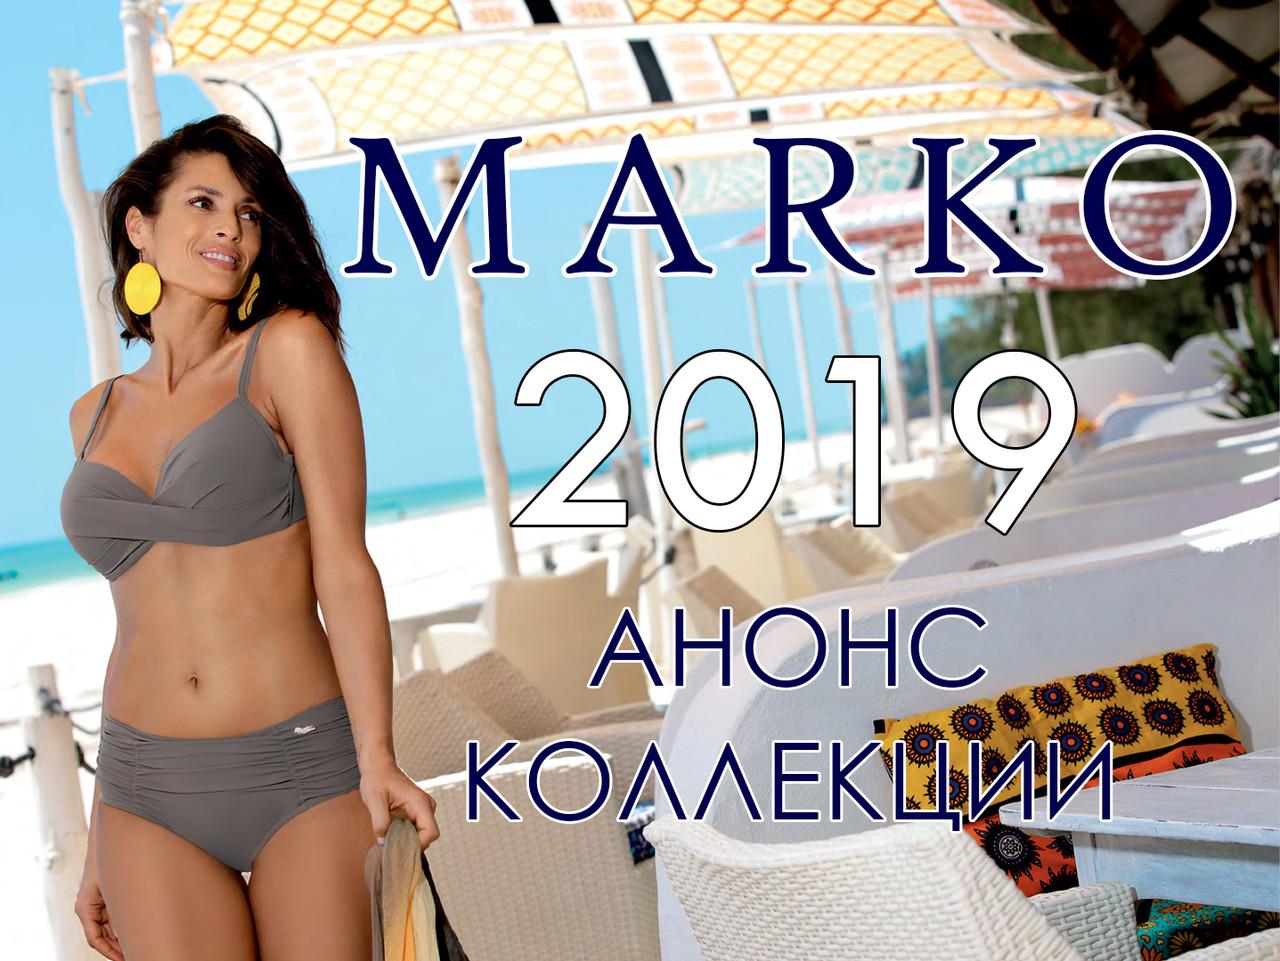 845fb46e4a87f Купальники Marko 2019: предвкушая лето. Эксклюзивный анонс от  интернет-магазина Кокетка!